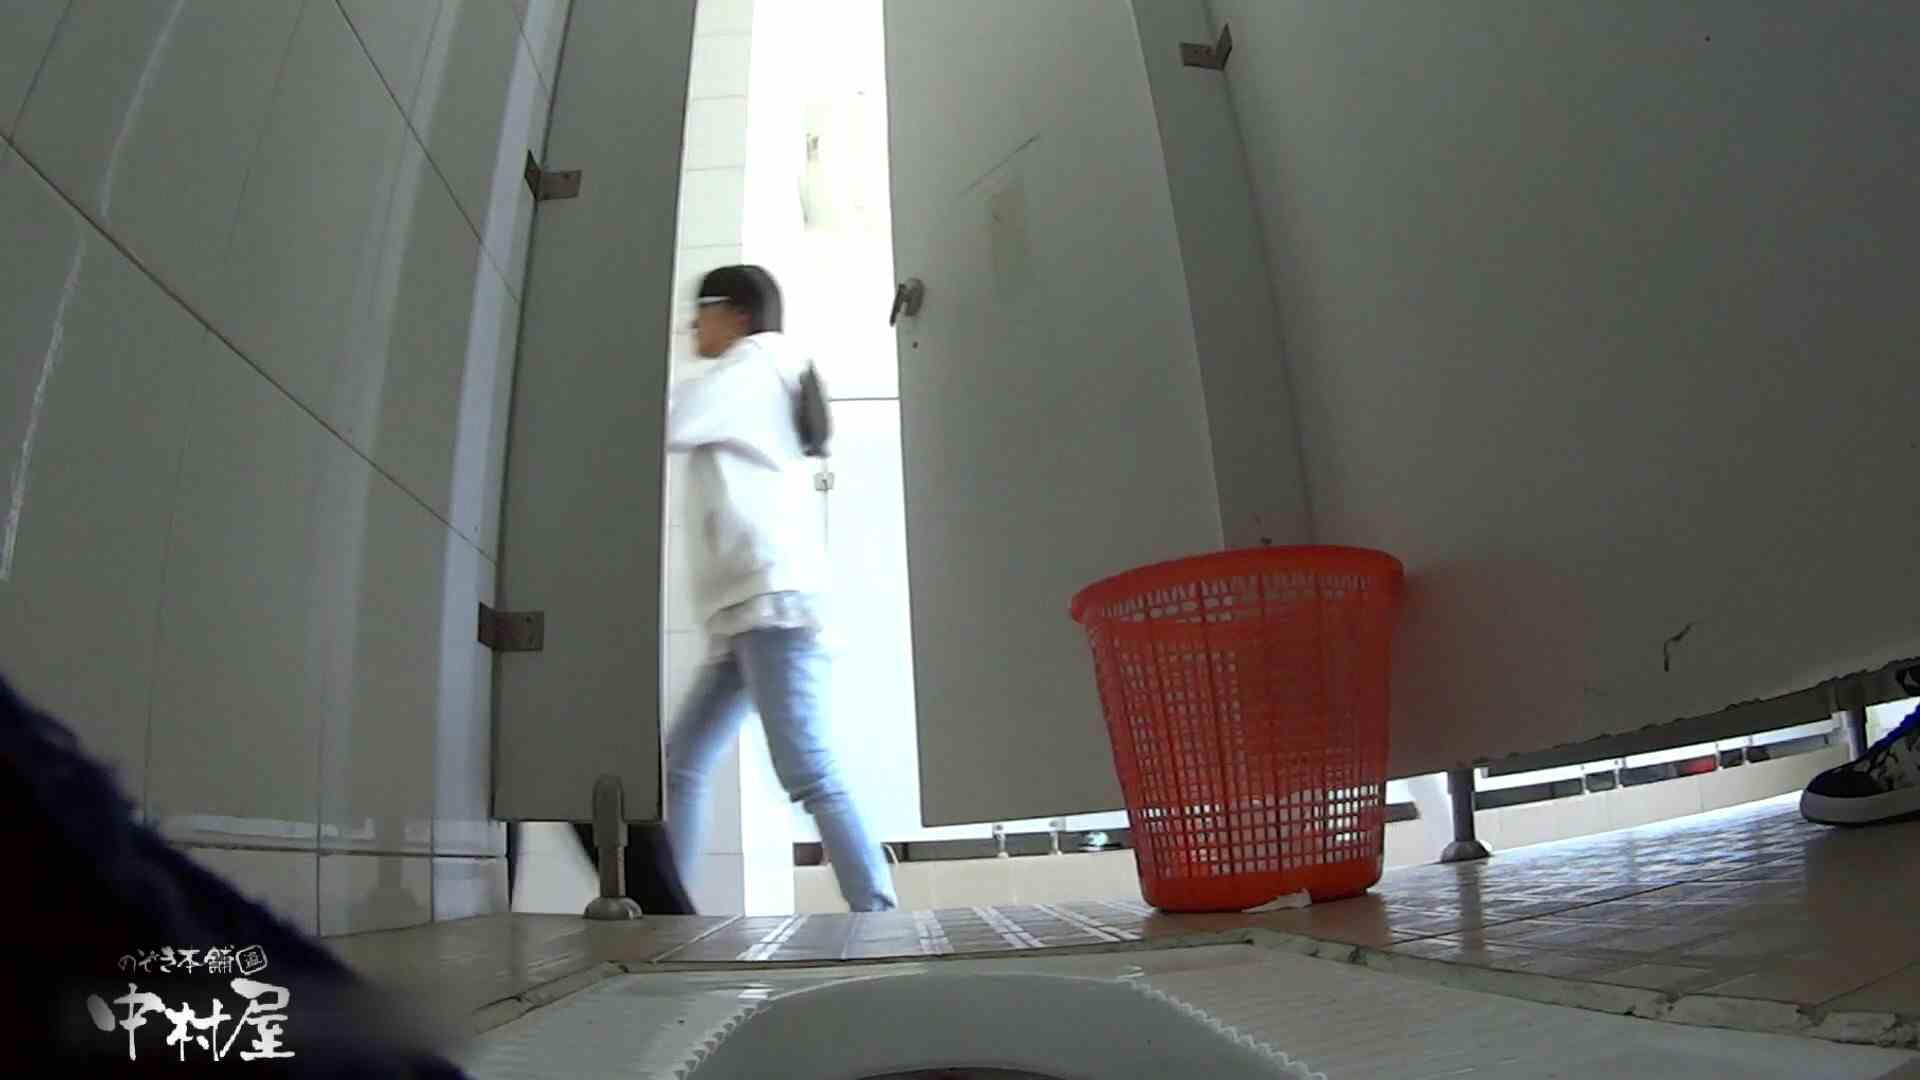 色気のある眼鏡さんの放nyo大学休憩時間の洗面所事情28 洗面所 | Hなお姉さん  78pic 56